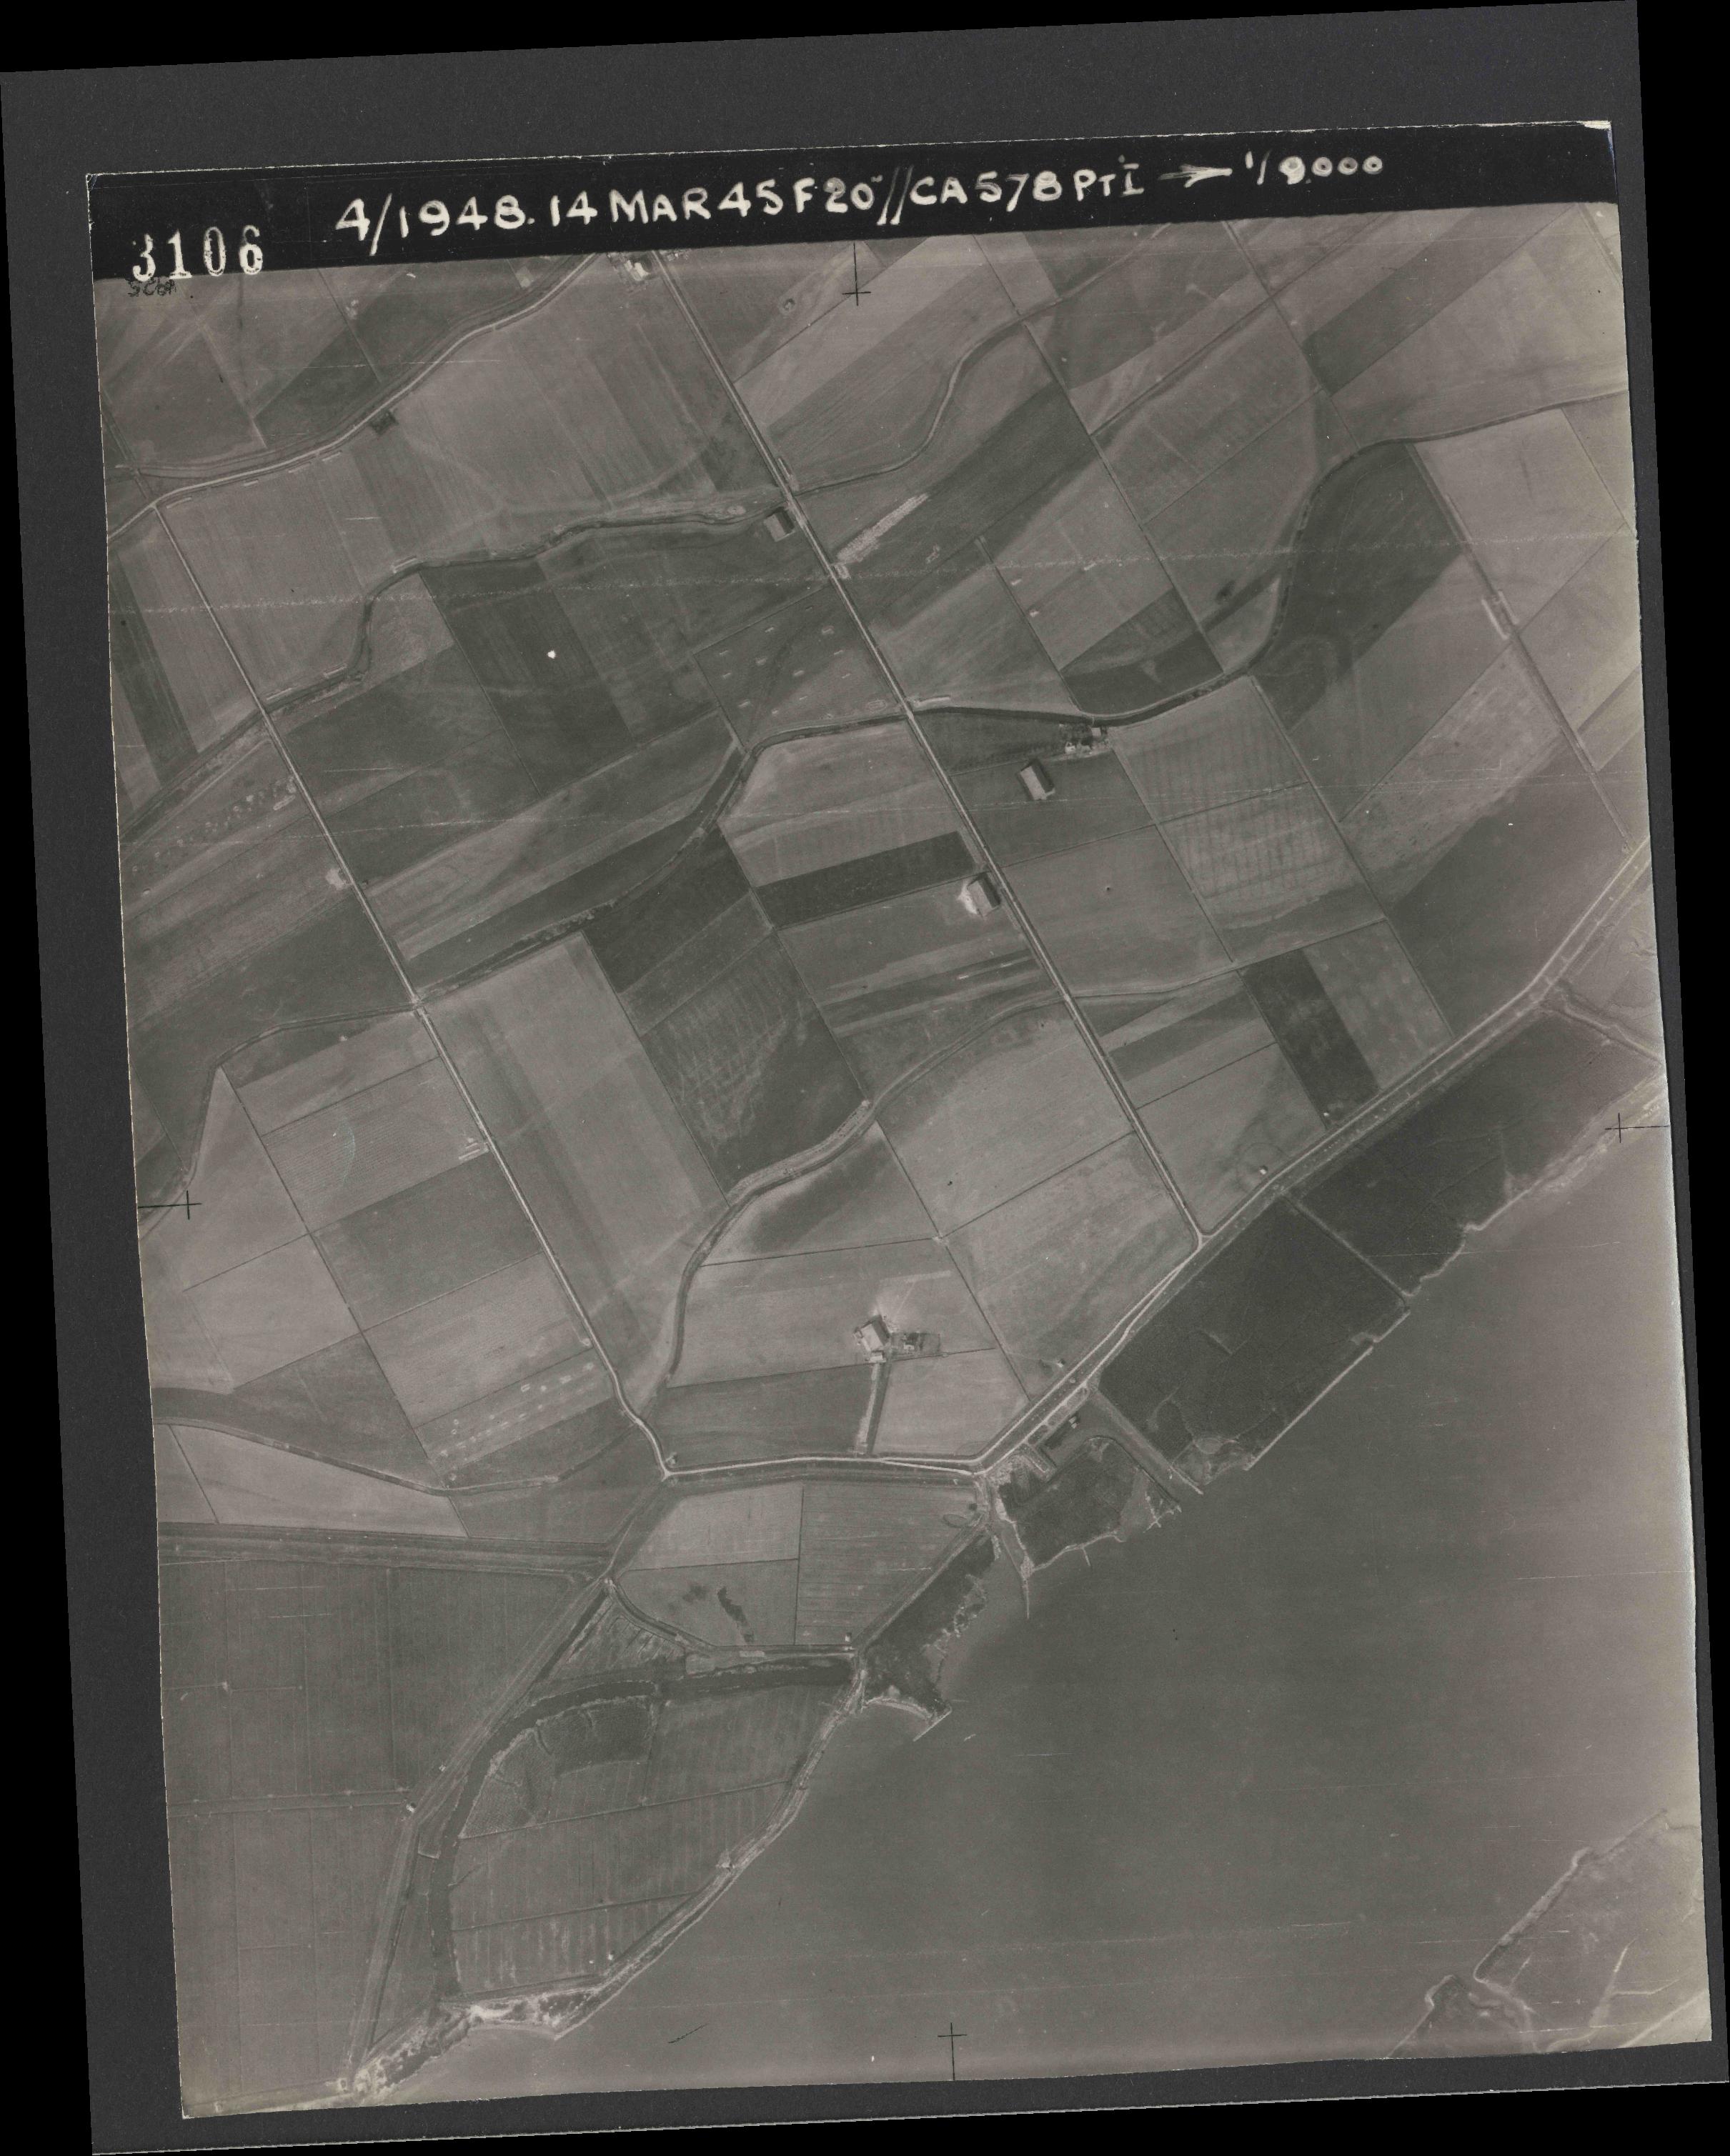 Collection RAF aerial photos 1940-1945 - flight 095, run 02, photo 3106